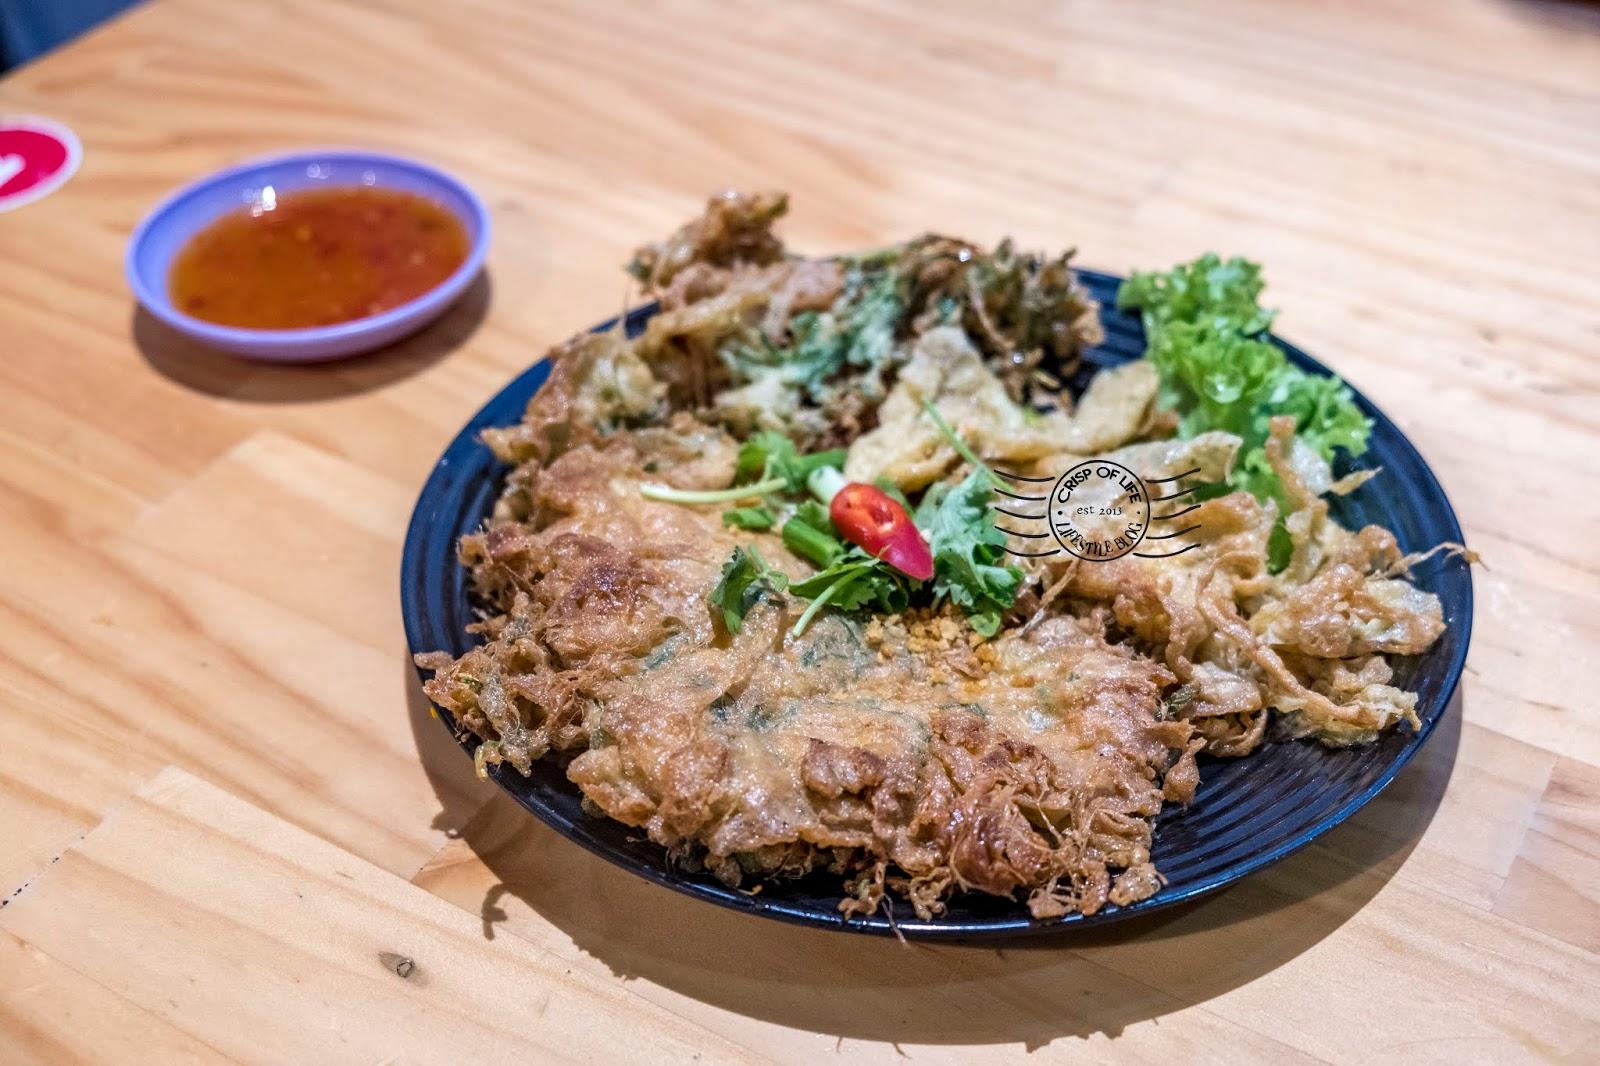 Krung Thep Thai Street Food at Lorong Selamat, Georgetown, Penang